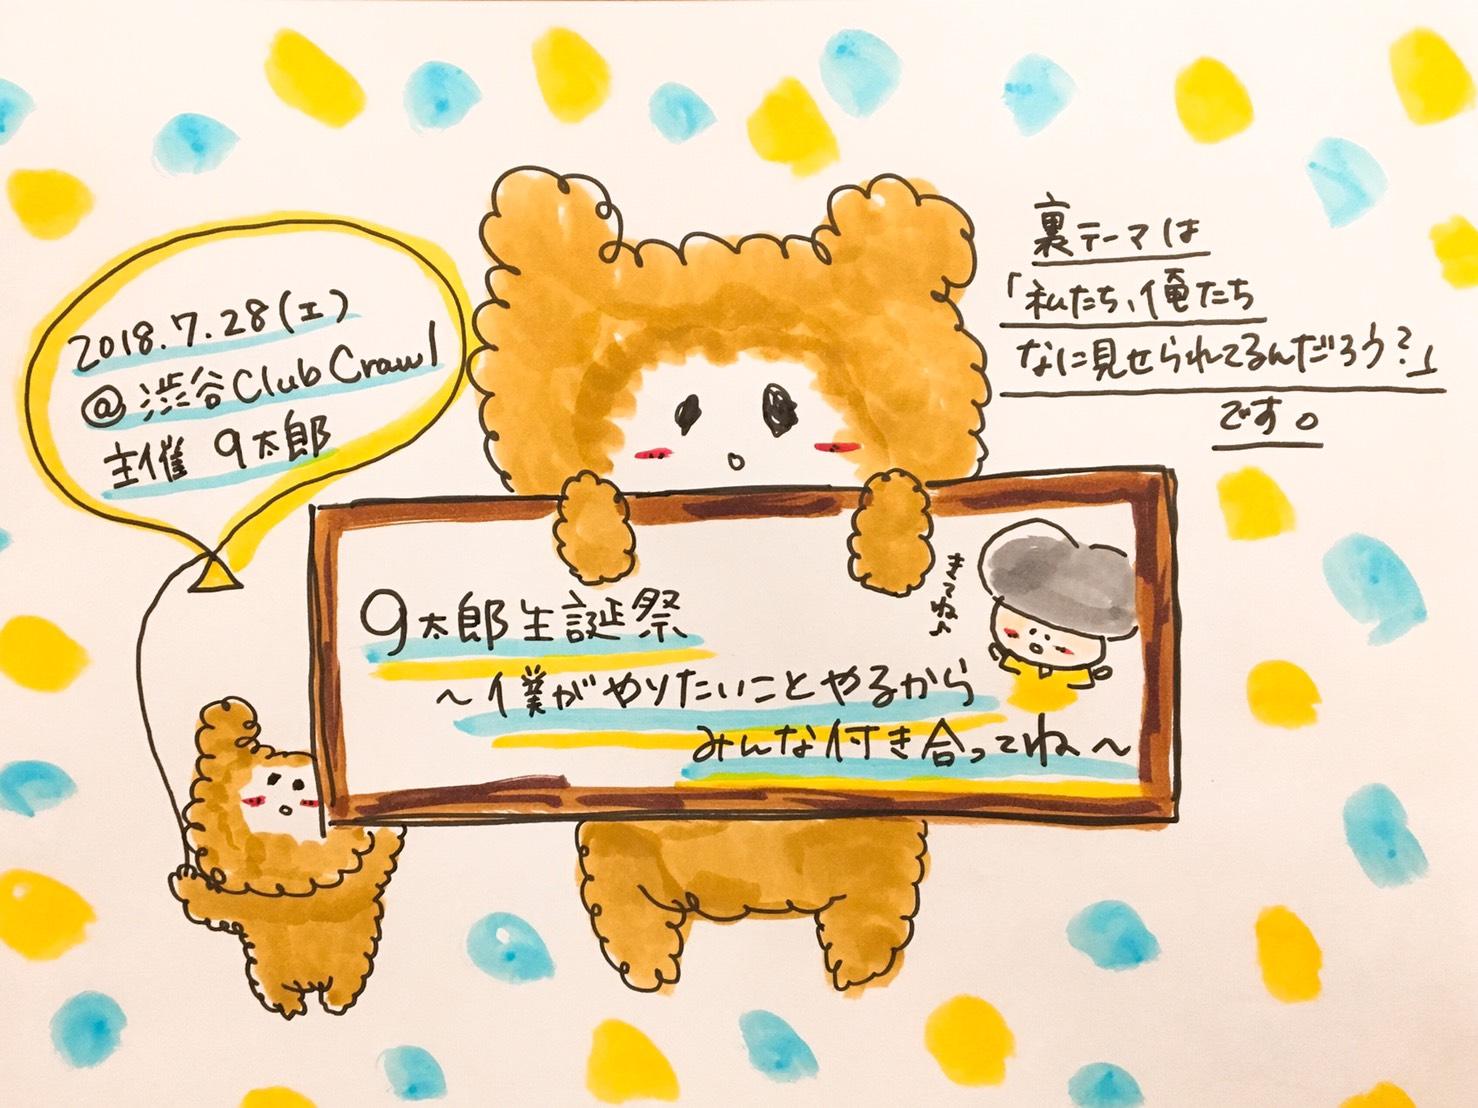 【NEWS】7/28(土)『9太郎 生誕祭〜僕がやりたいことやるからみんな付き合ってね〜』について